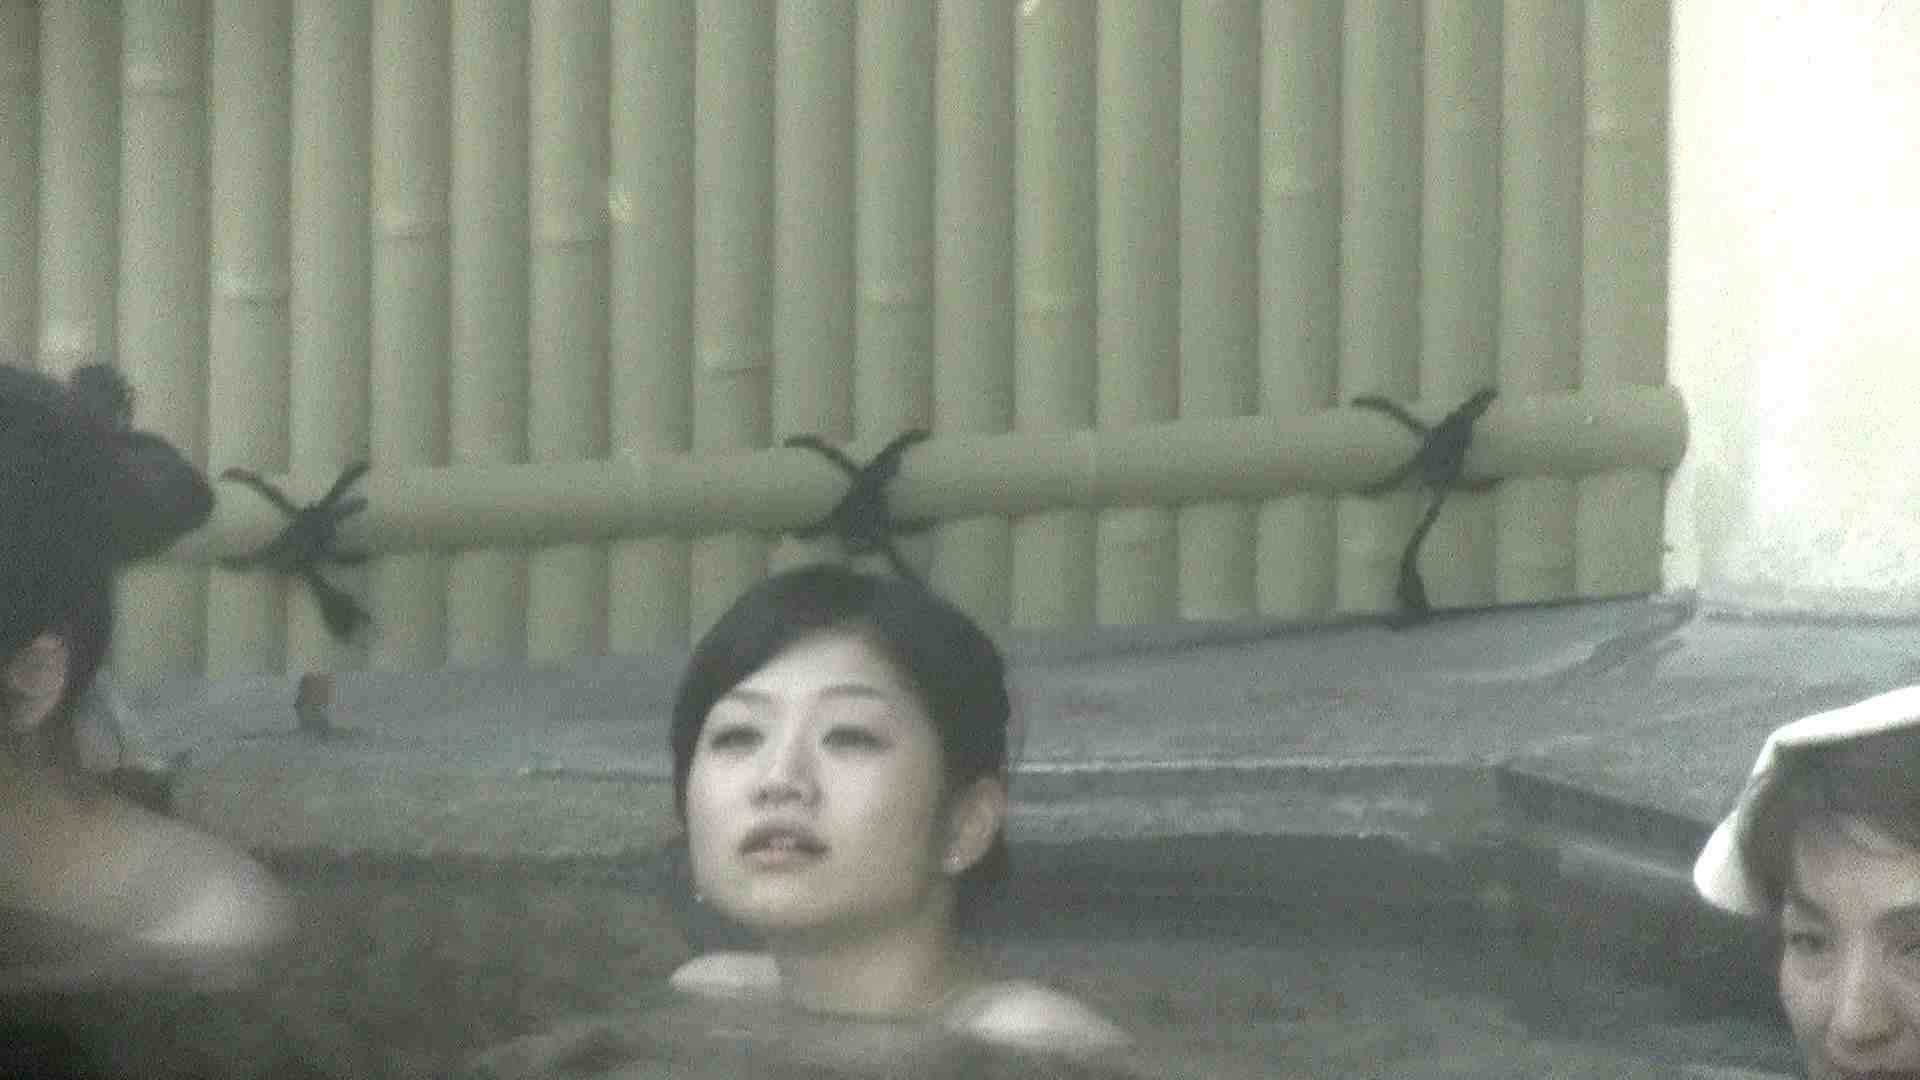 Aquaな露天風呂Vol.206 OLのエロ生活 | 盗撮  87連発 37